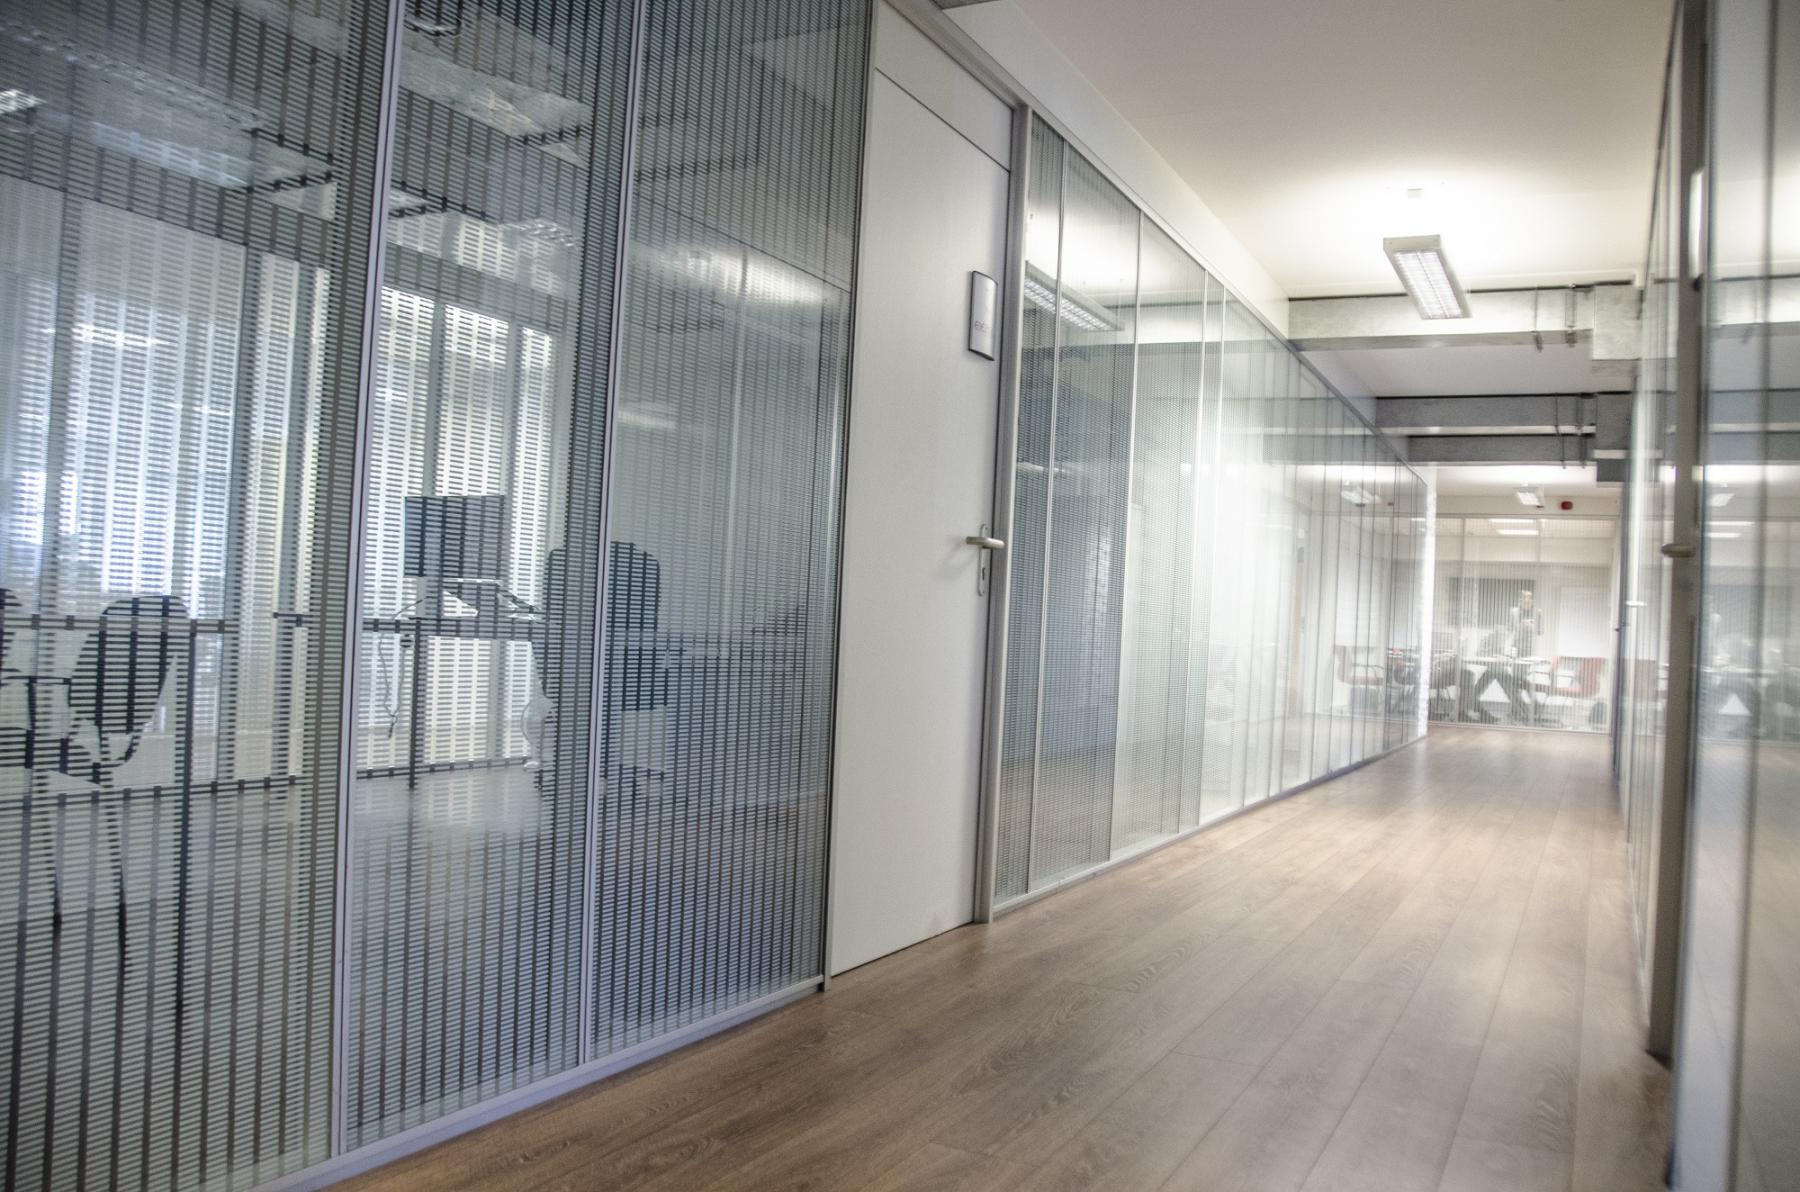 hallway windows doors office rooms